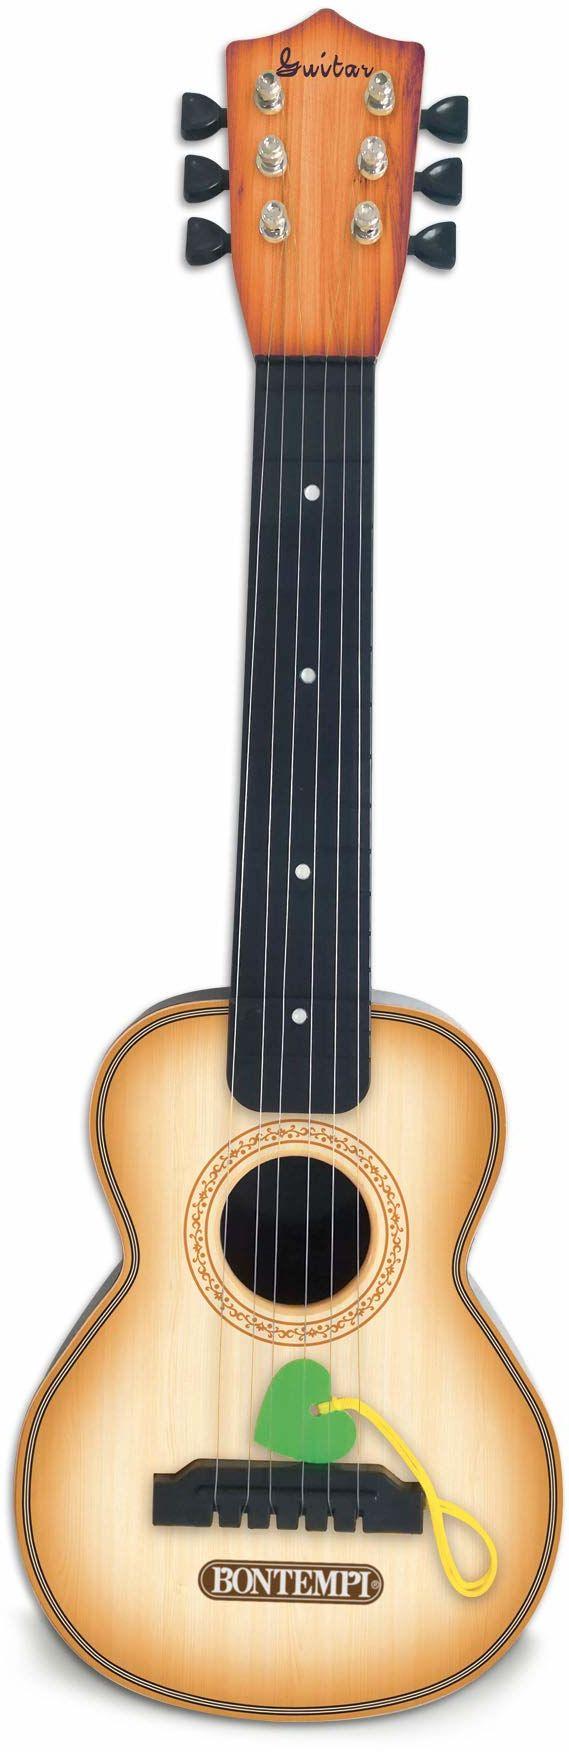 Bontempi 20 5510 klasyczna gitara z 6 metalowymi strunami, drewno